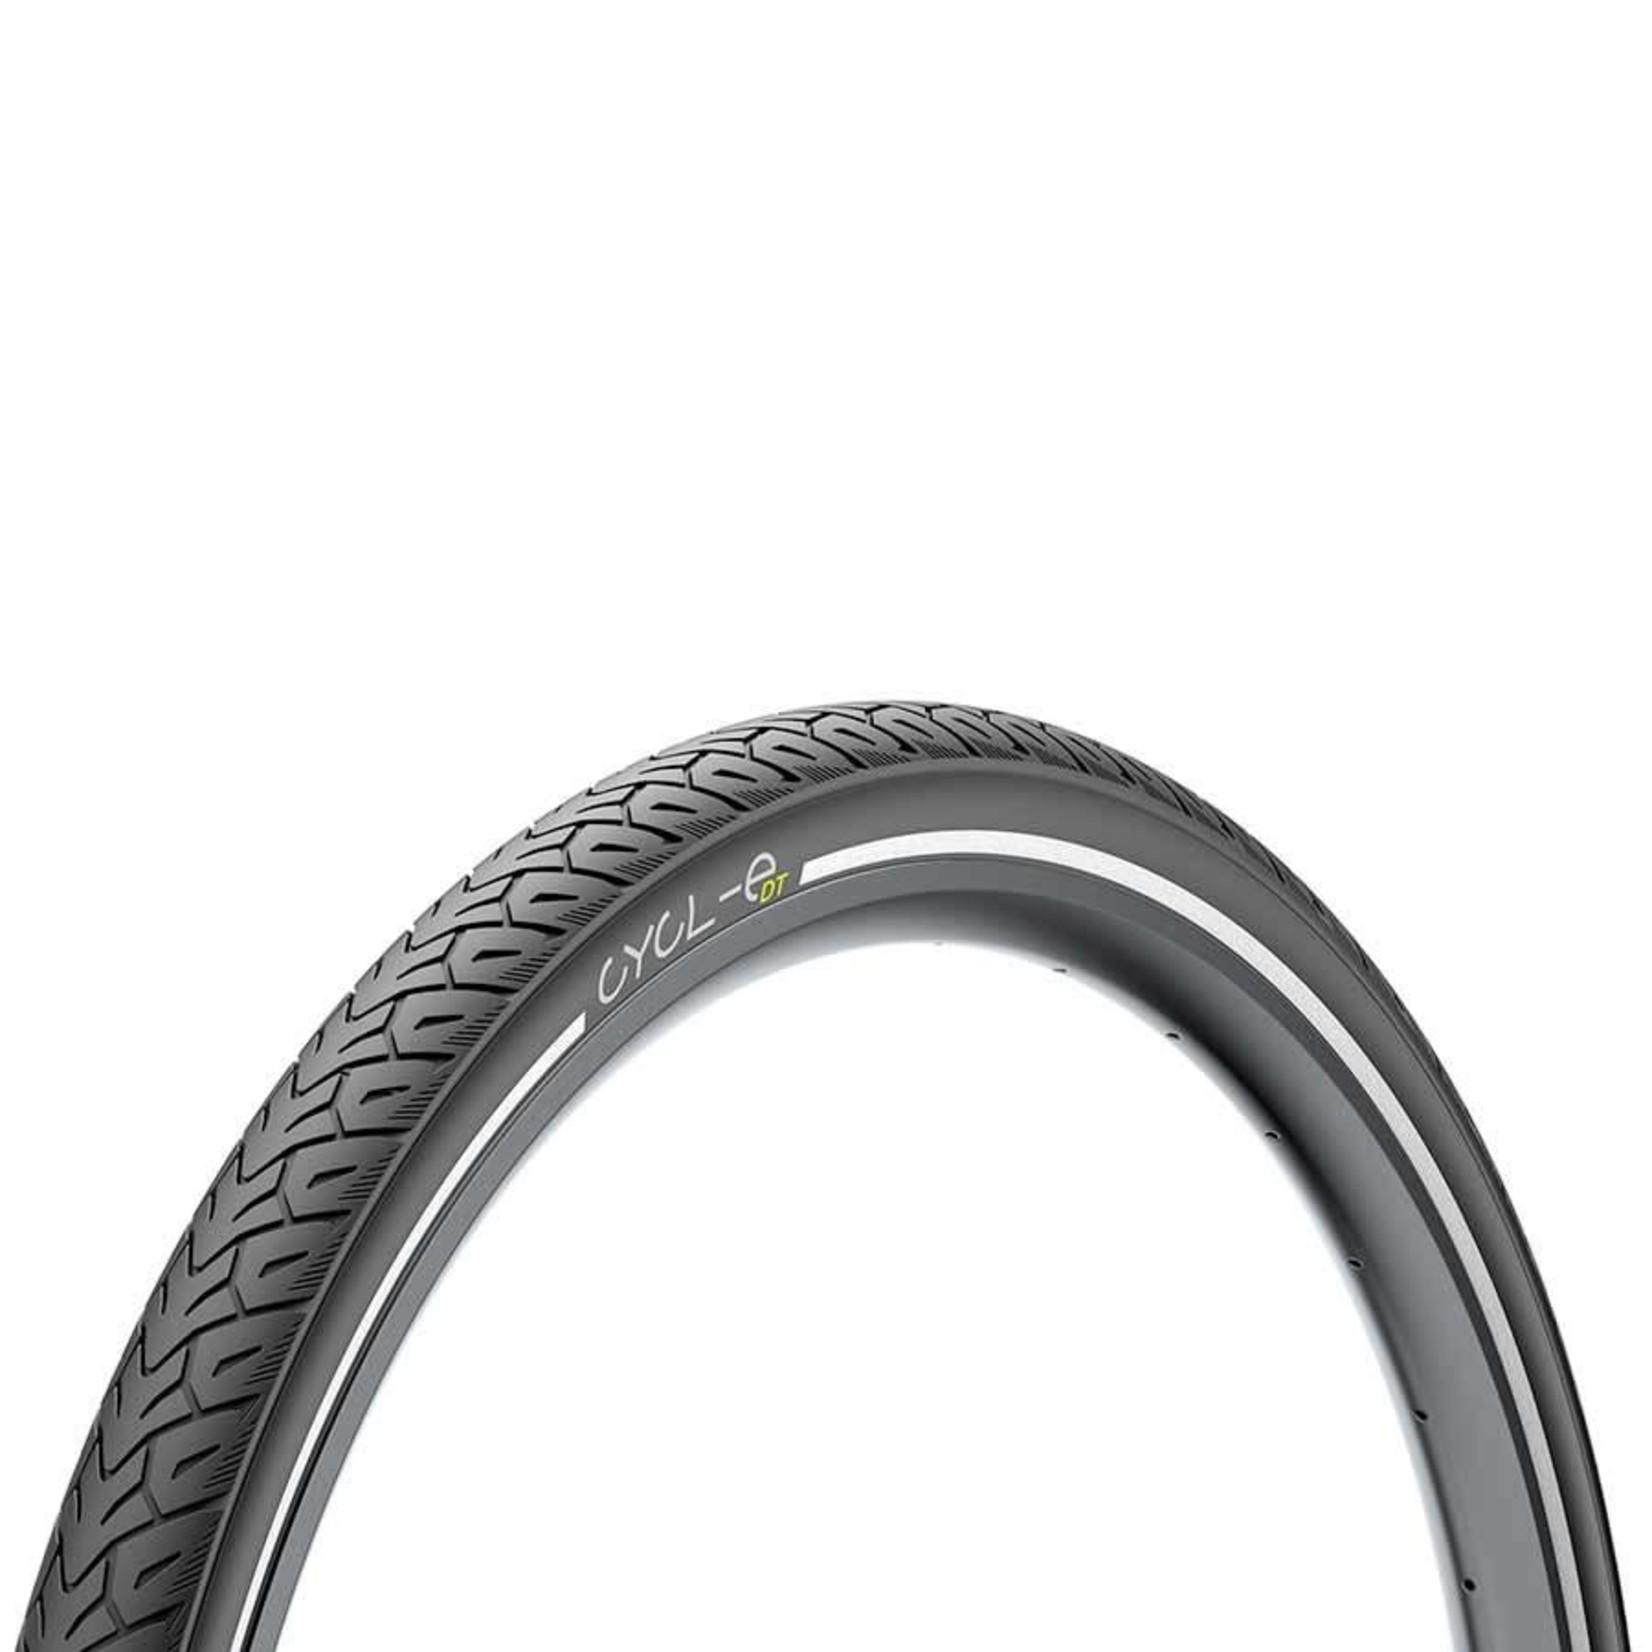 Pirelli Pirelli Cycl-e DT Tire